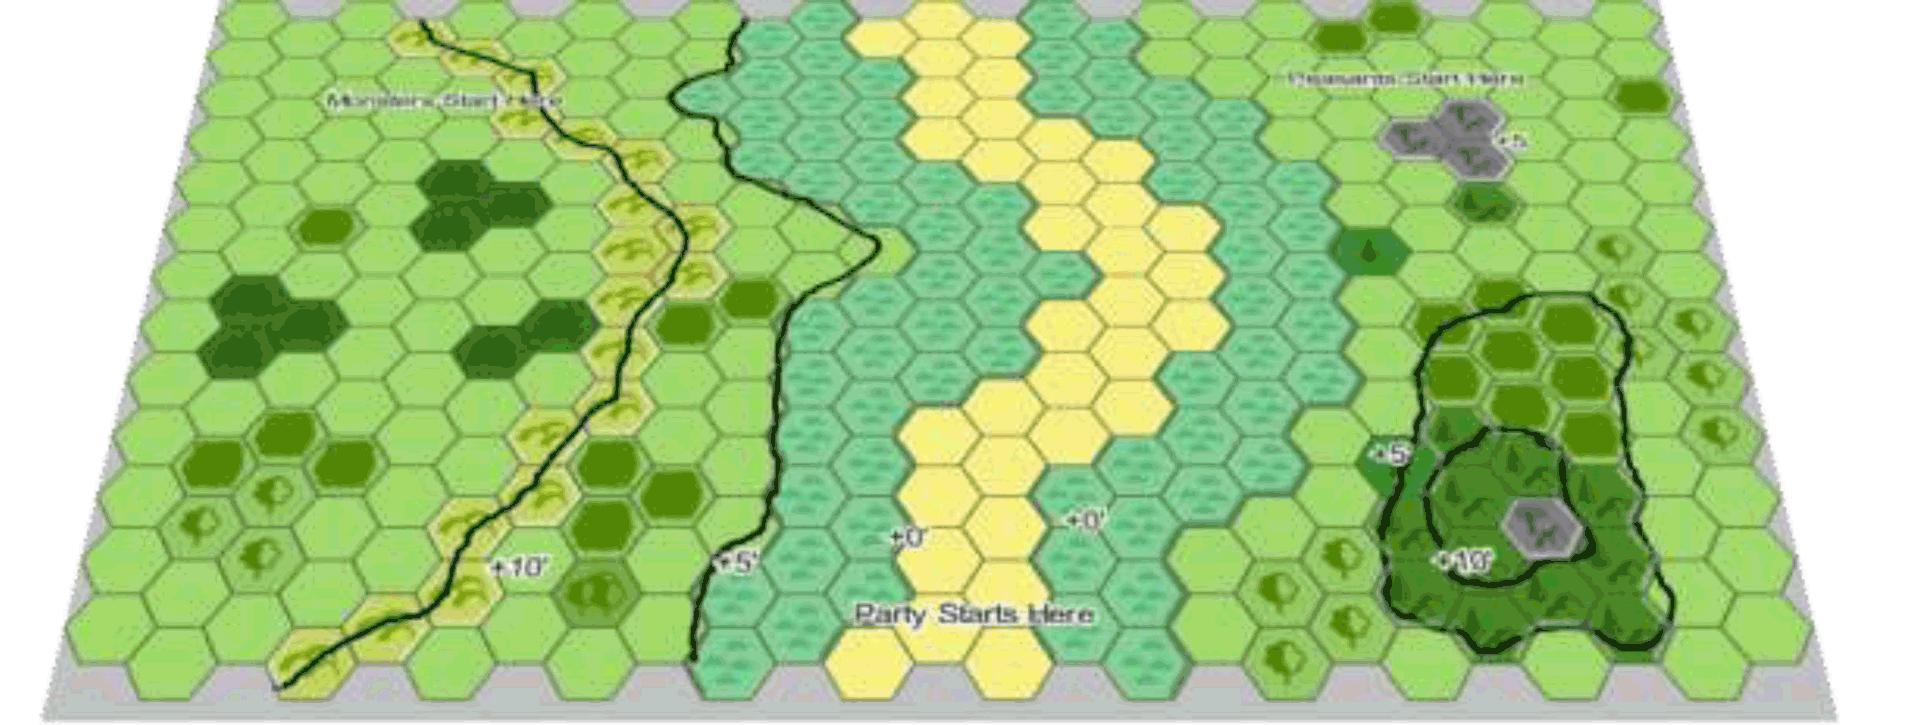 Hexographer Map